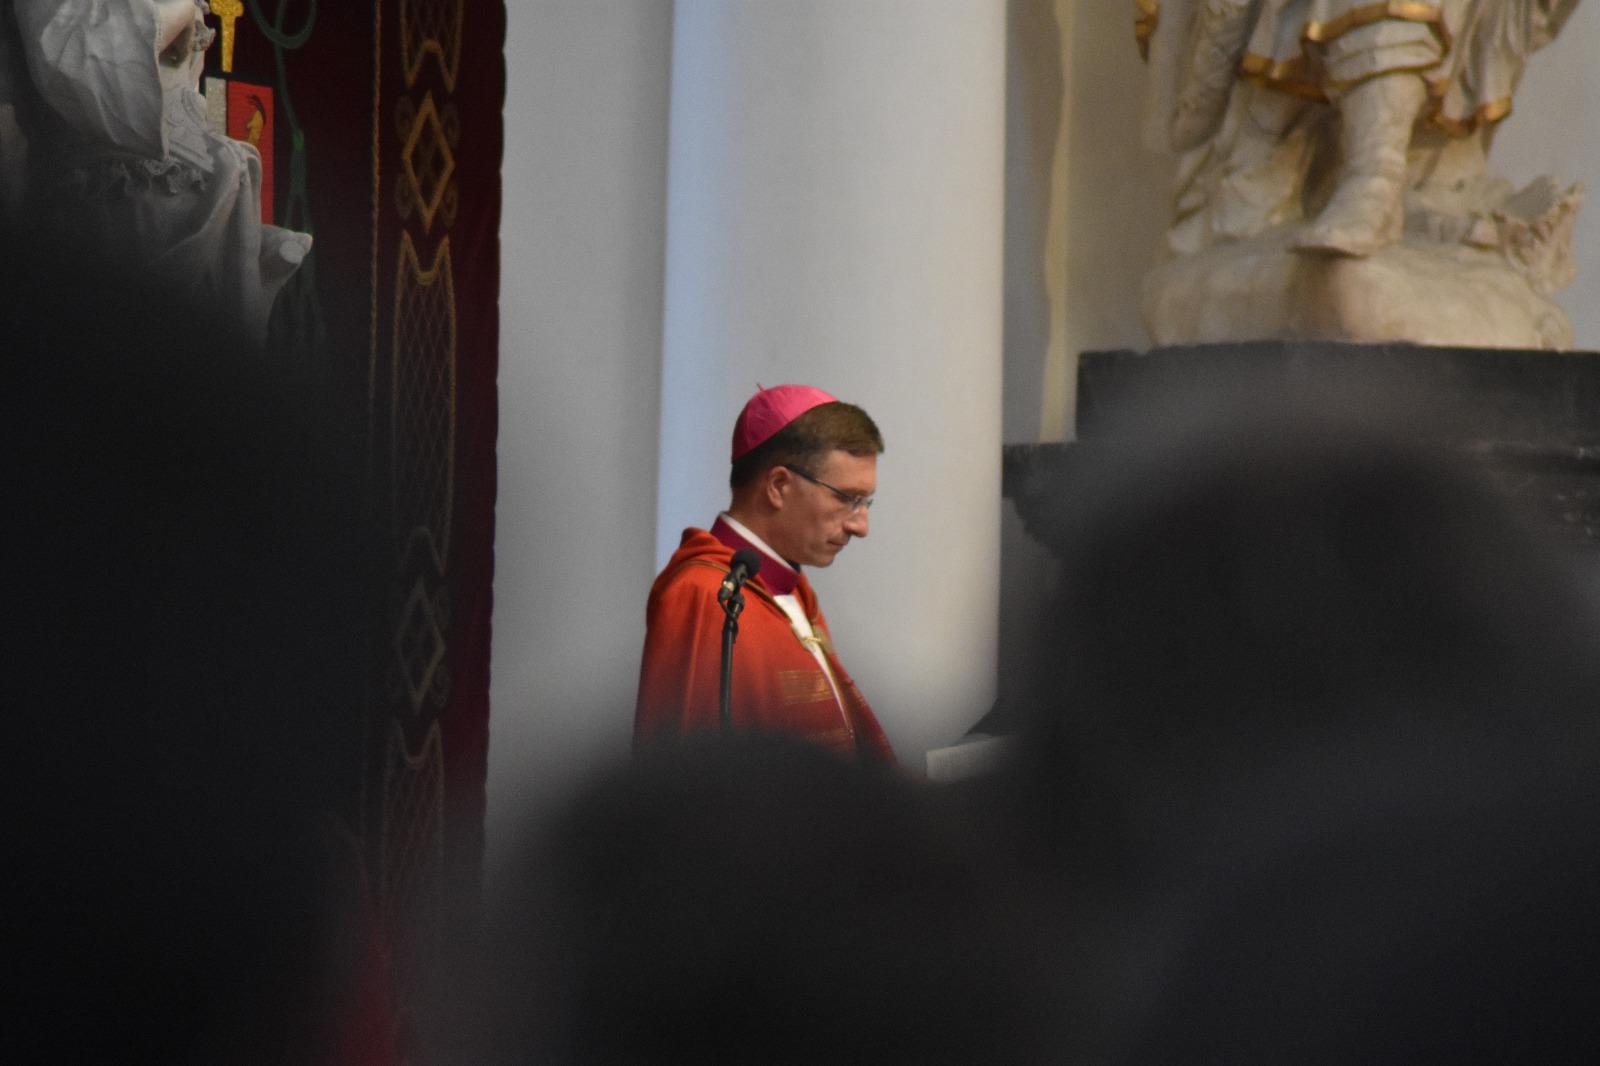 Missionarisch Priester sein - Seminaristentag in Fulda 2019